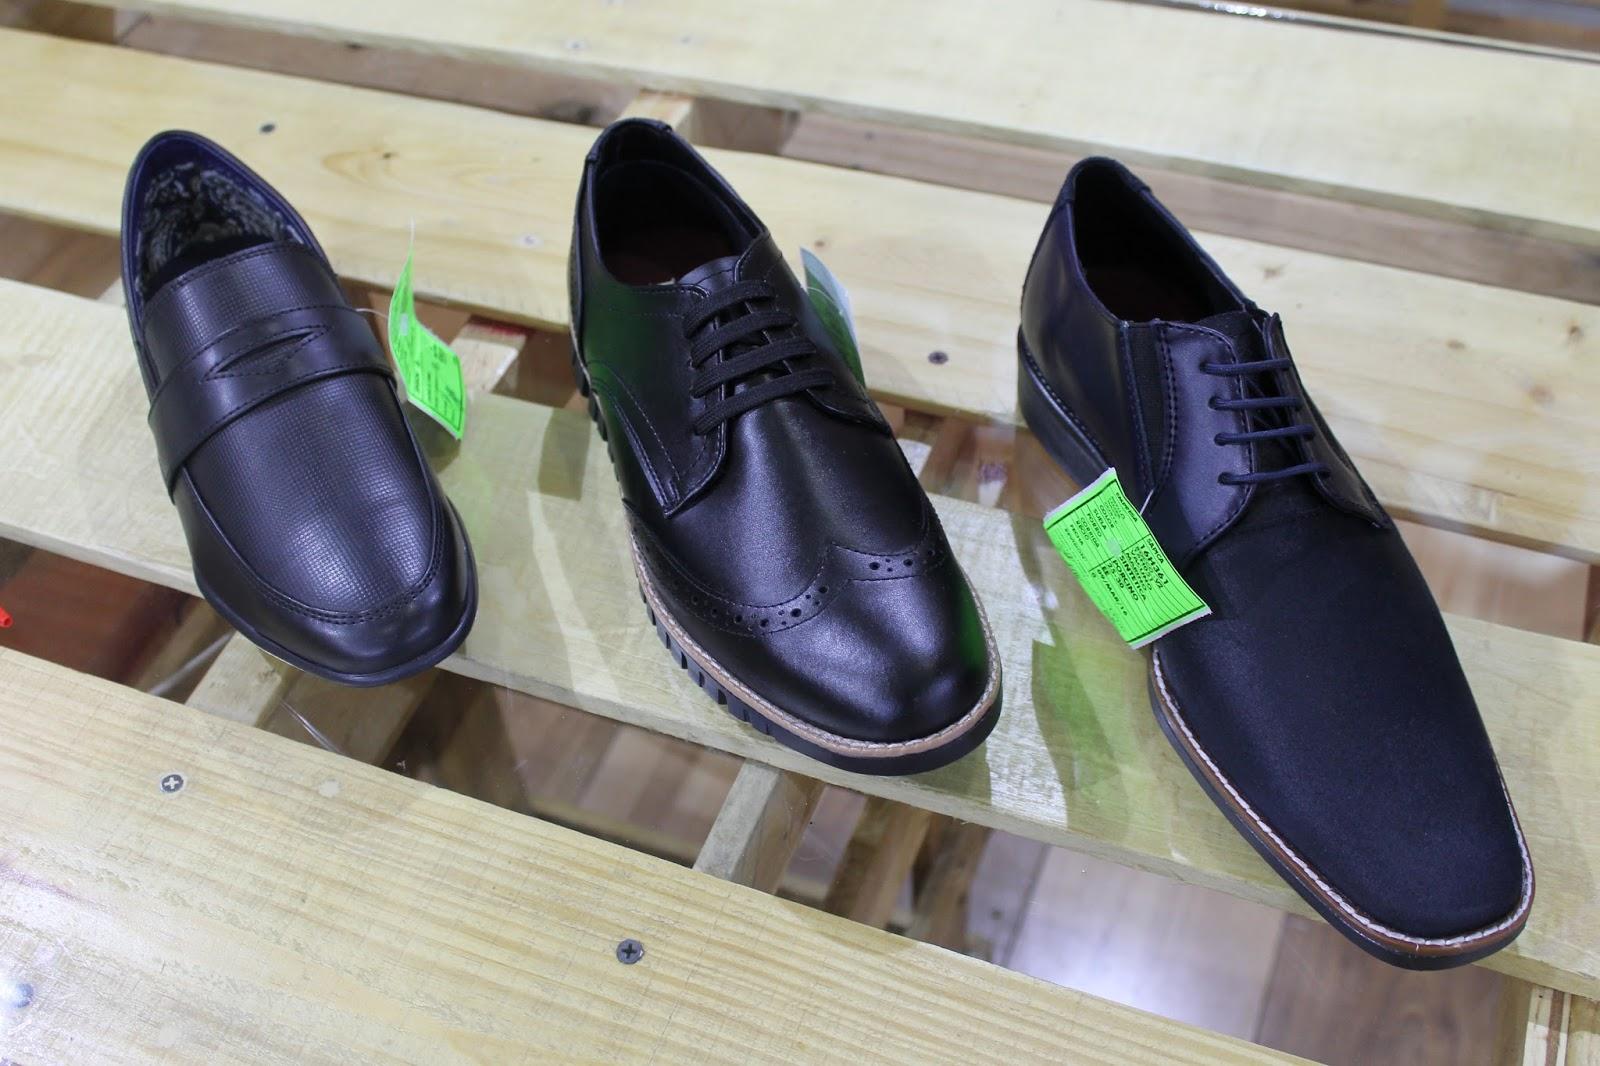 62fd572e86b Lugo Conti ahora también maneja líneas de zapato casual para caballero en  que buscan llegar a un nuevo mercado  además sus productos son en piel y  maneja ...